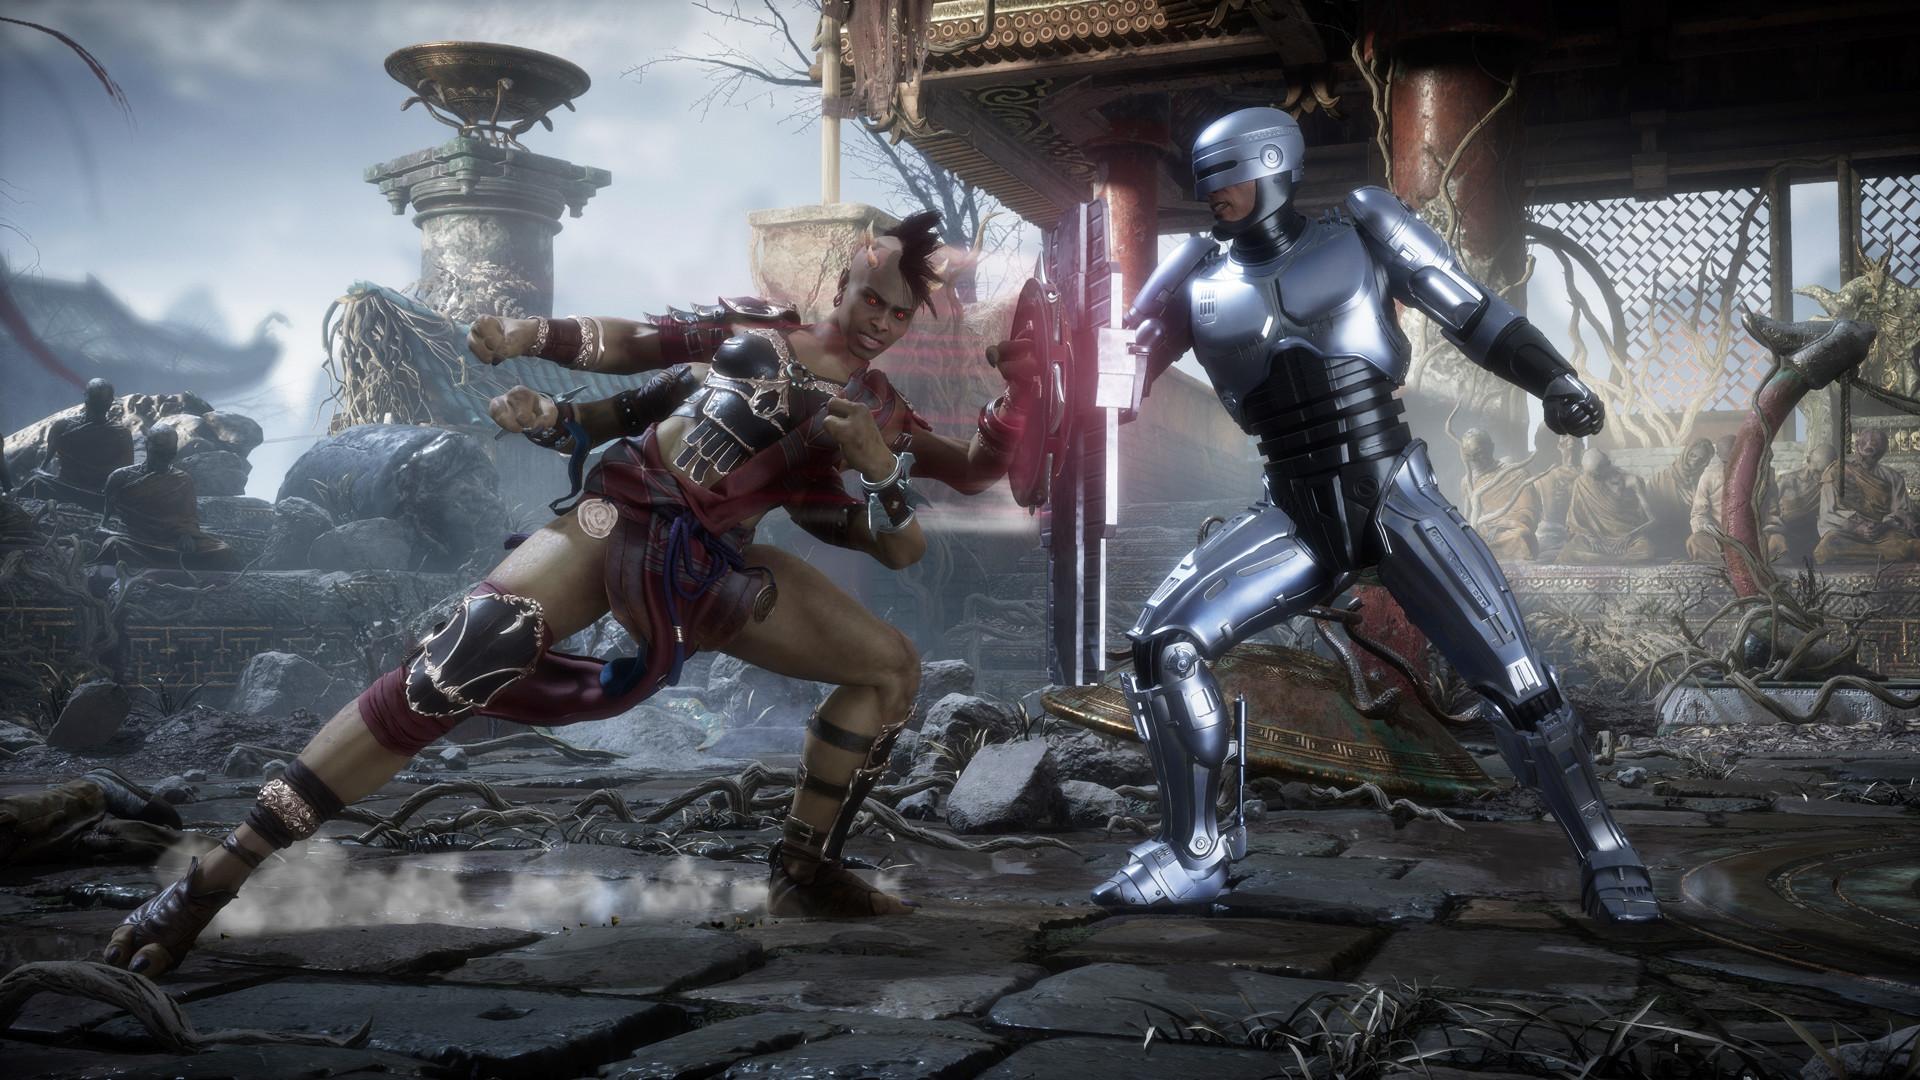 Rozšíření Aftermath pro Mortal Kombat 11 dostává launch trailer. Vychází příští úterý